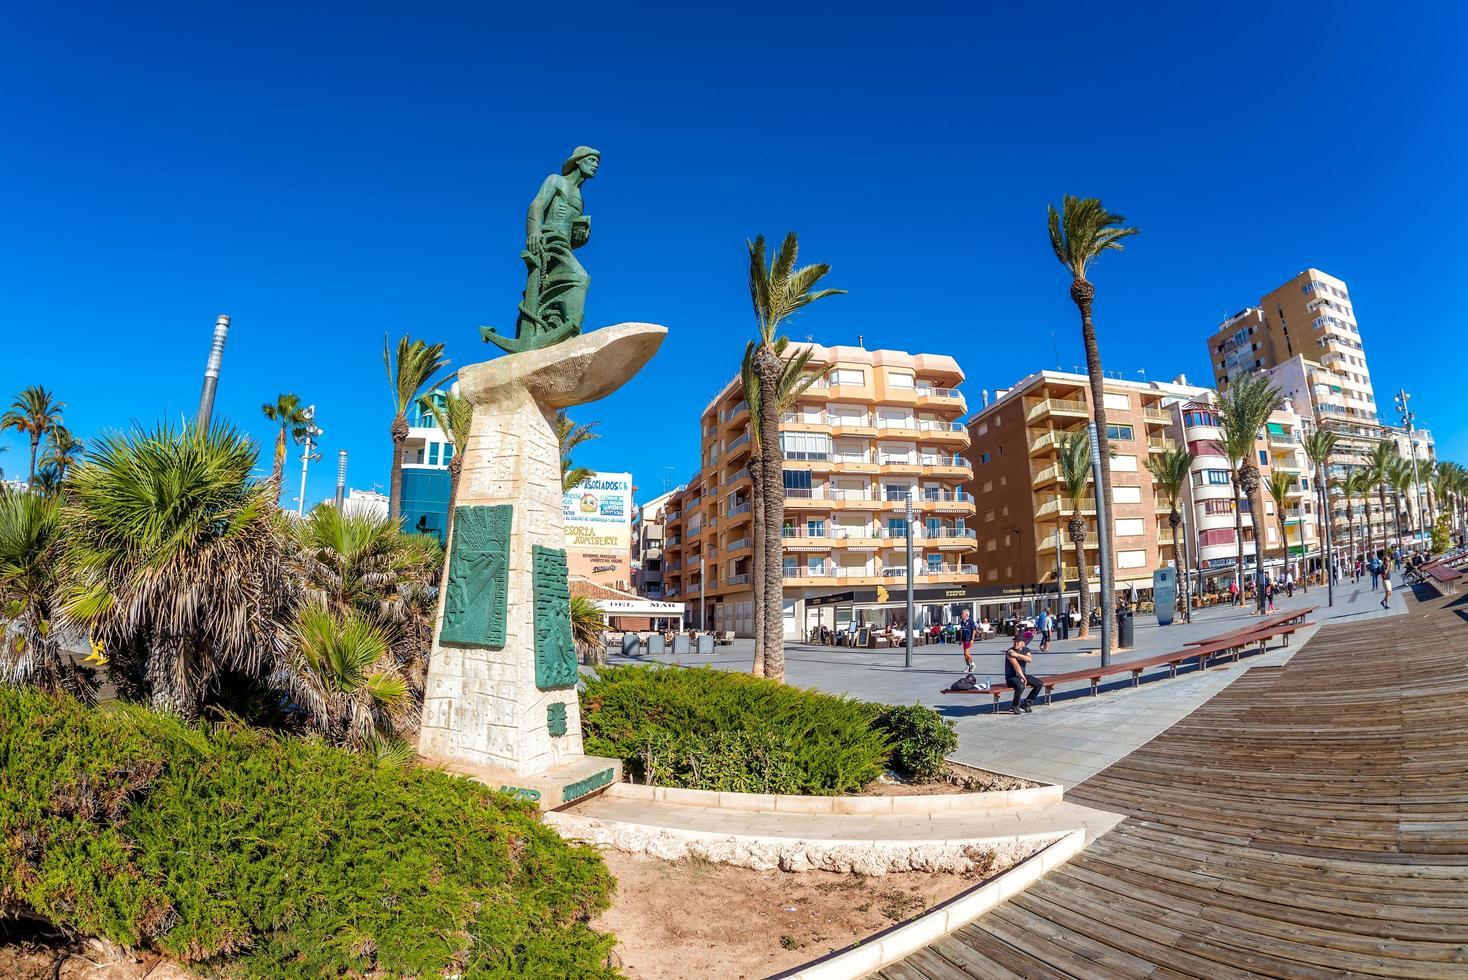 Torrevieja, Spanje 2017 - Standbeeld van de man van de zee aan de paseo juan aparicio foto